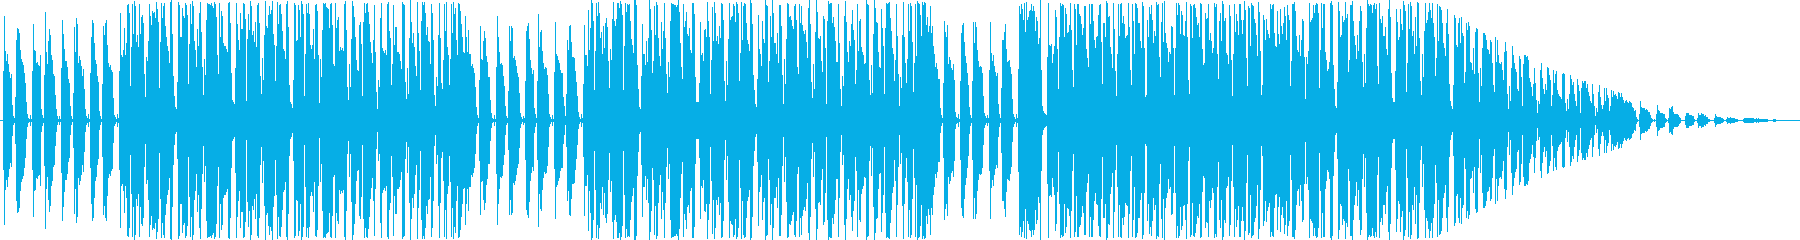 ぽかぽかとした和チックなBGMの再生済みの波形